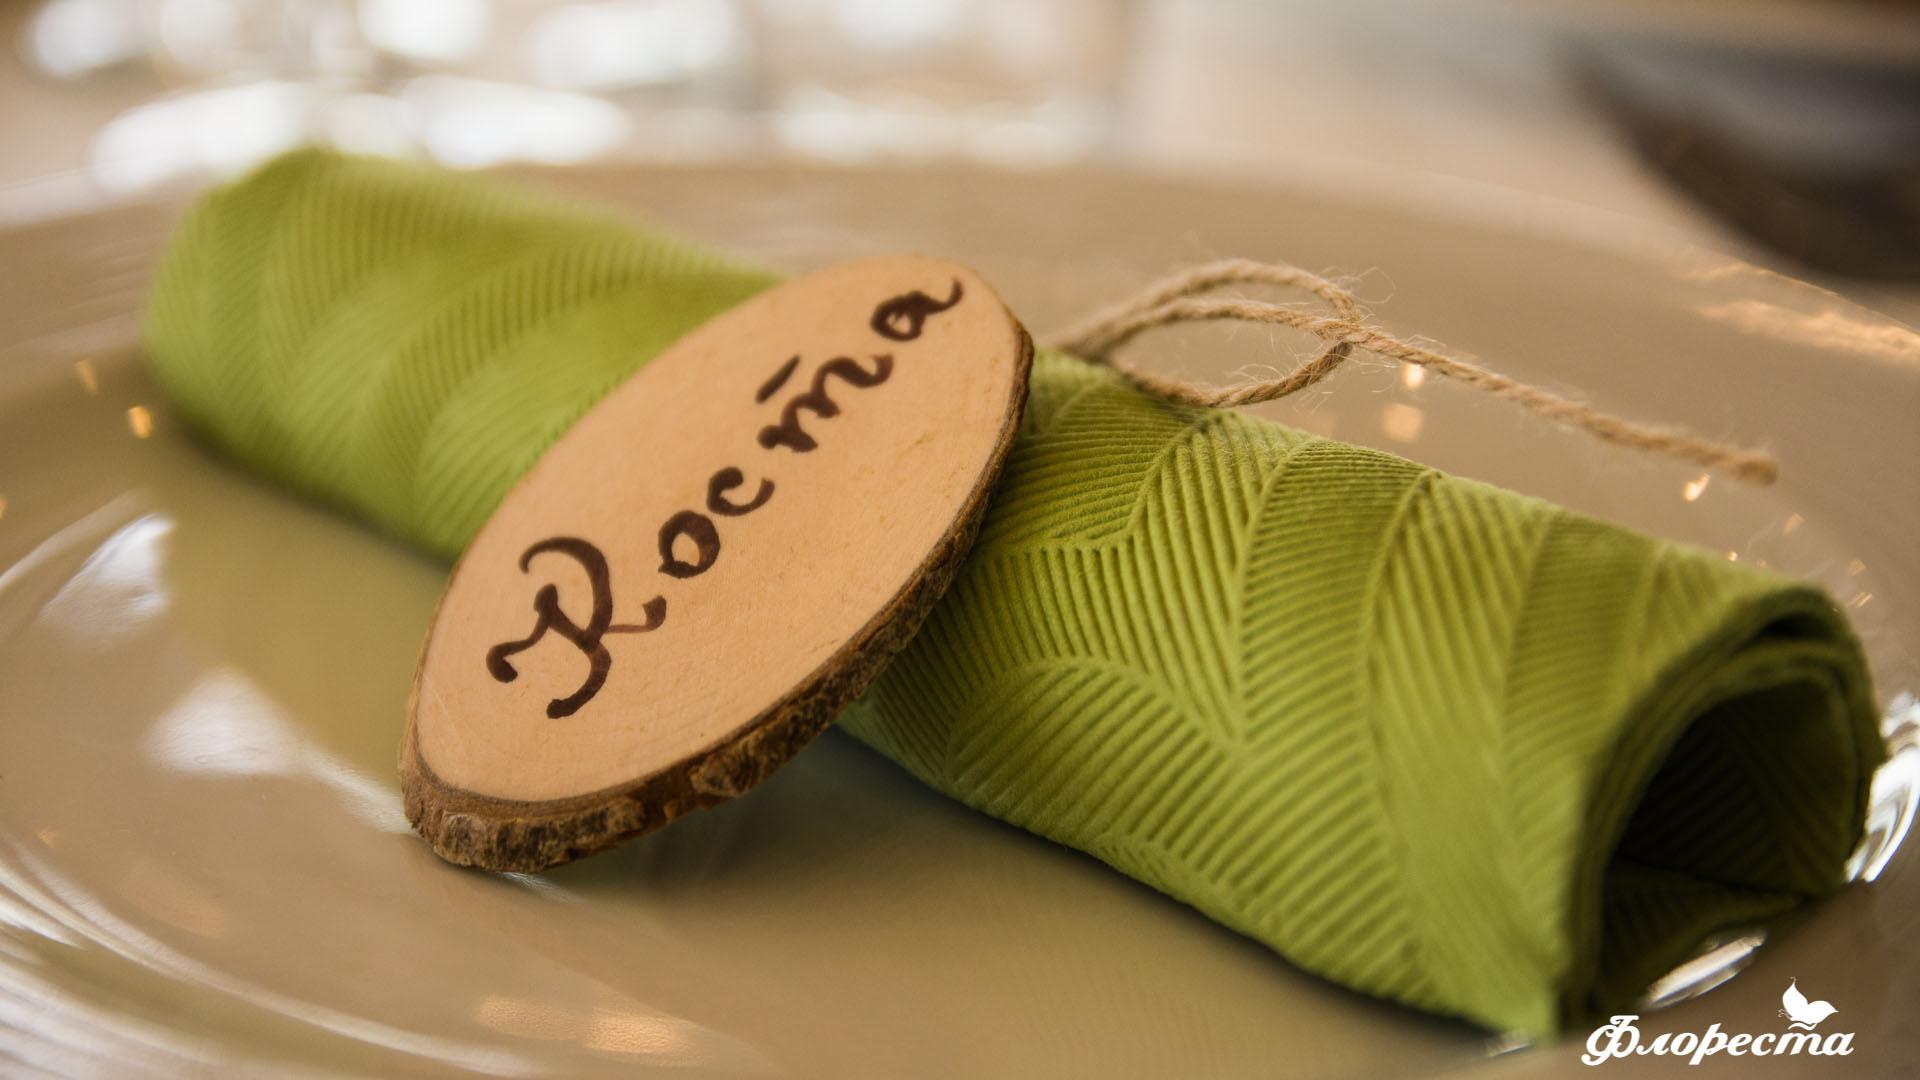 Ръчно изработени уникални рингчета за салфетките с имената на гостите